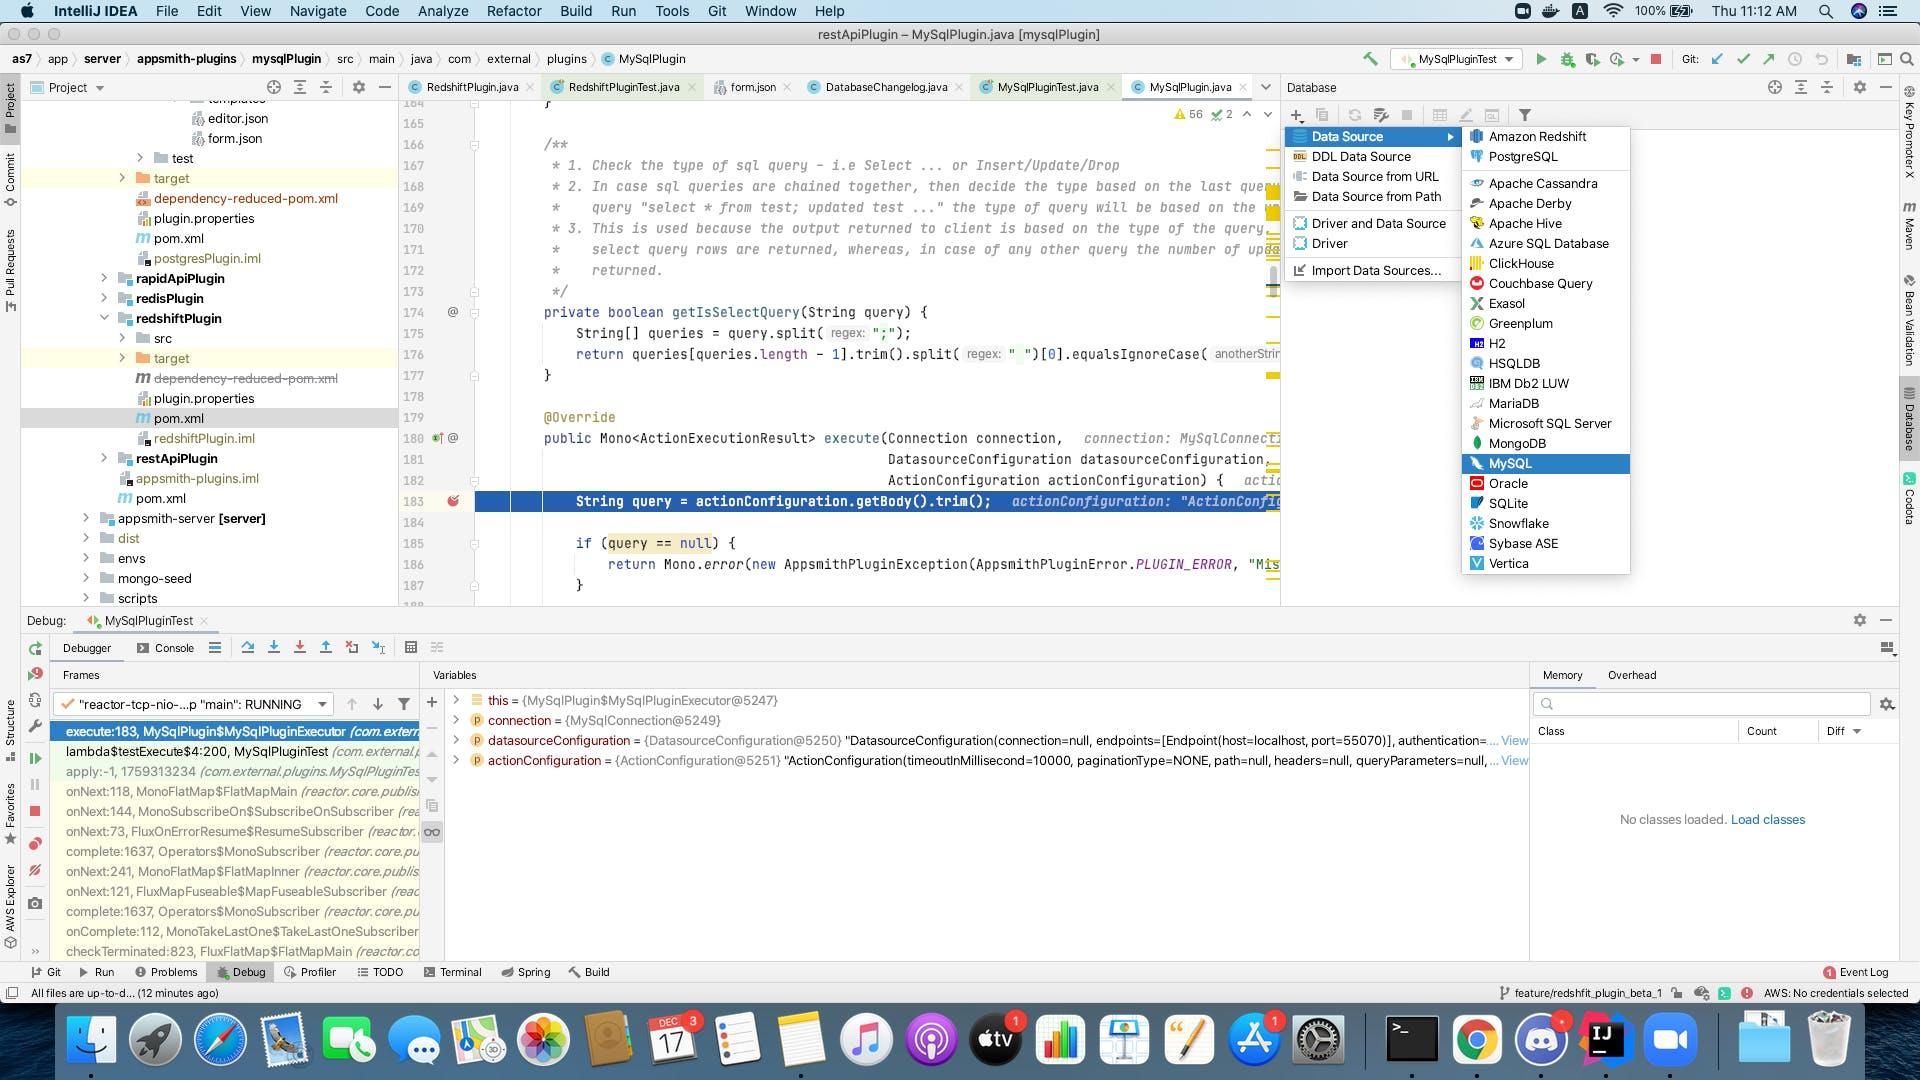 Screenshot 2020-12-17 at 11.12.06 AM.png